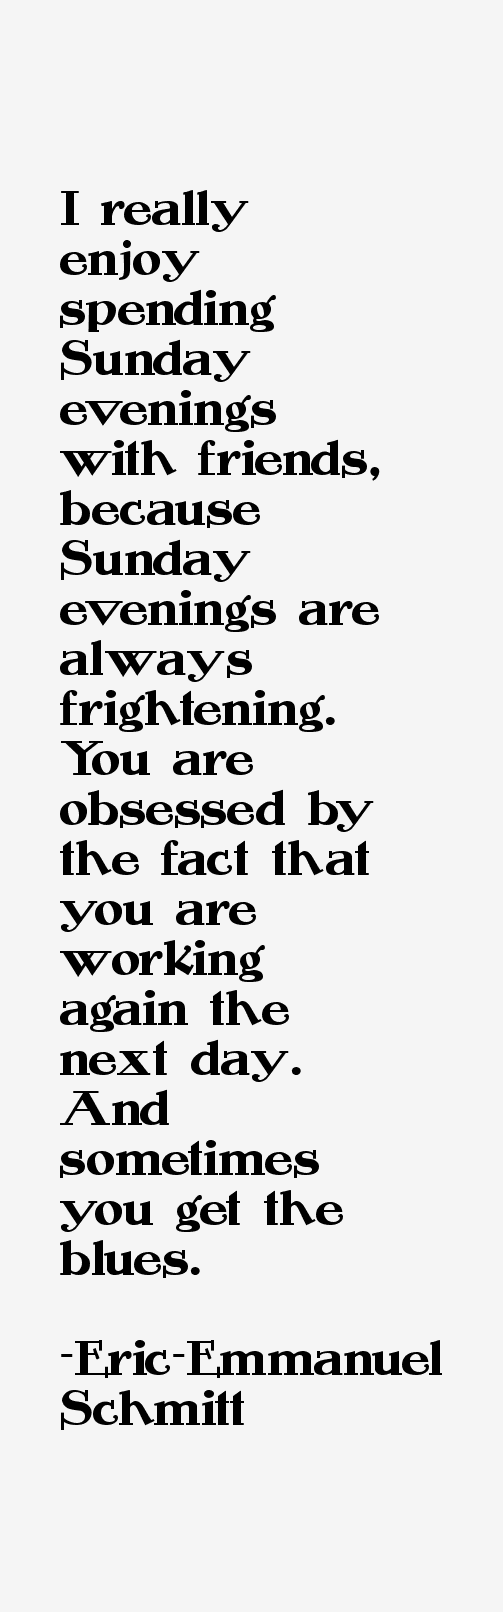 Eric-Emmanuel Schmitt Quotes